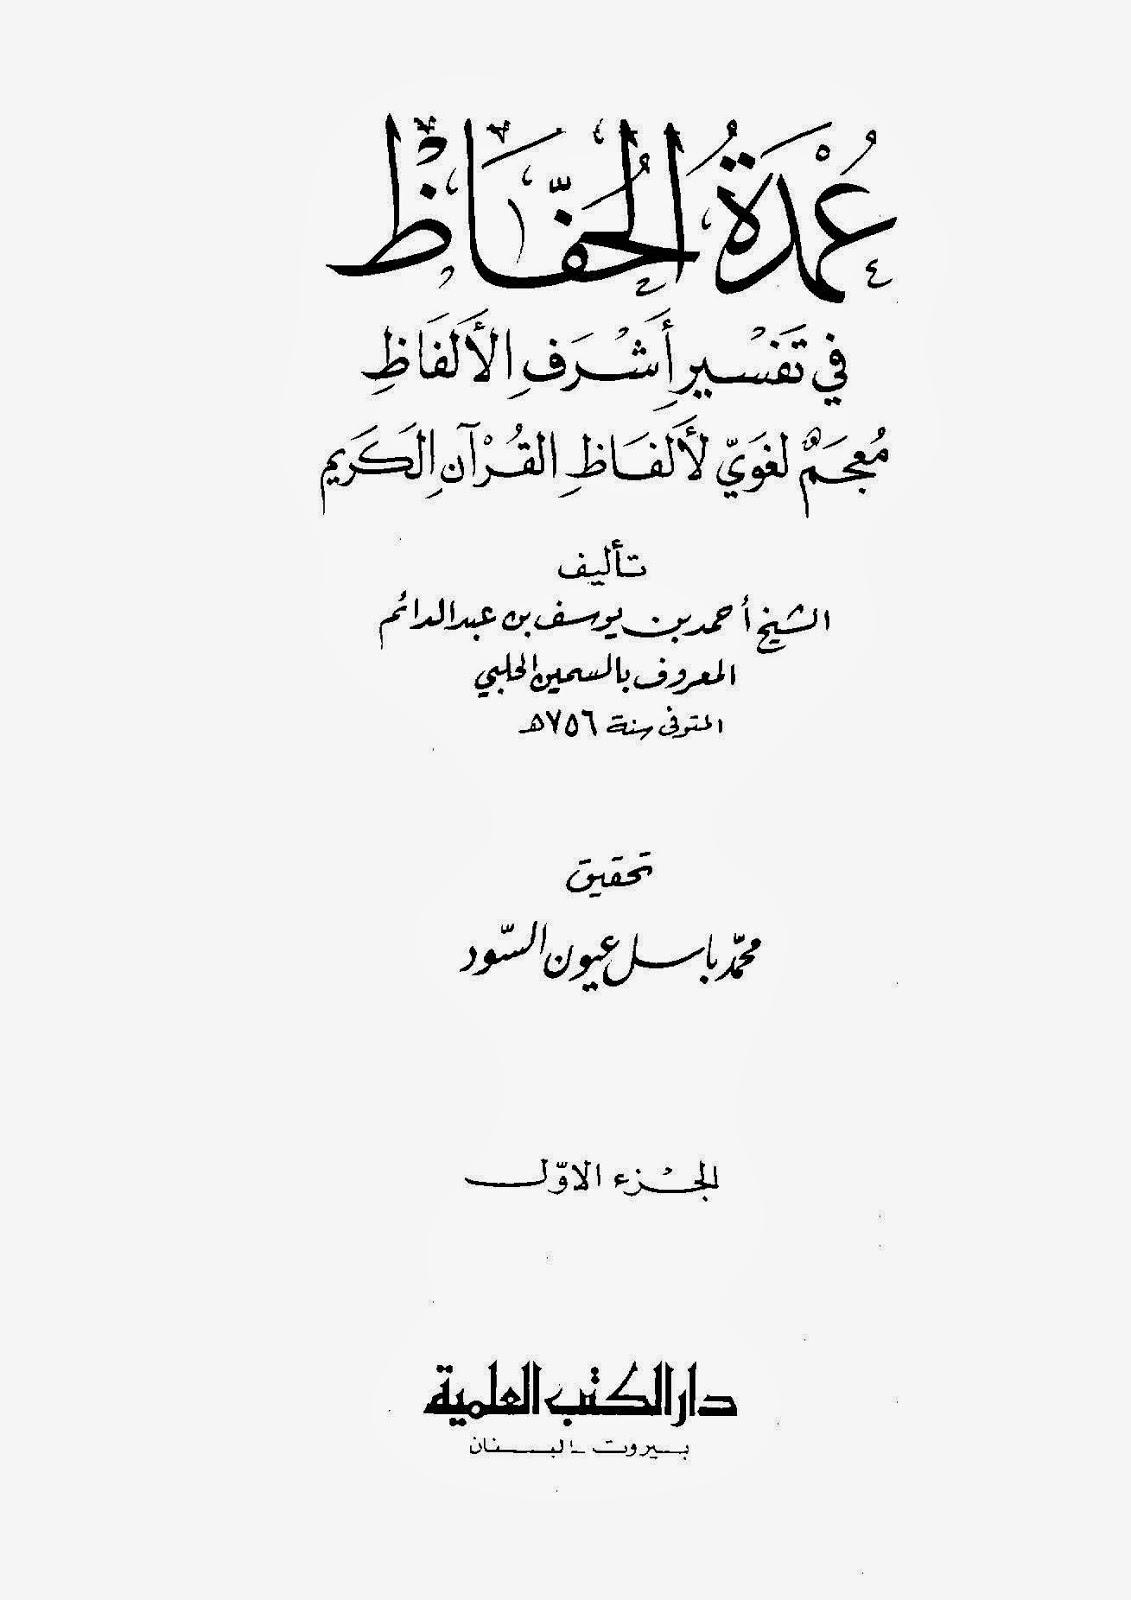 عمدة الحفاظ فى تفسير أشرف الألفاظ: معجم لغوي لألفاظ القرآن - لابن عبد الدائم المعروف بالسمين الحلبي pdf